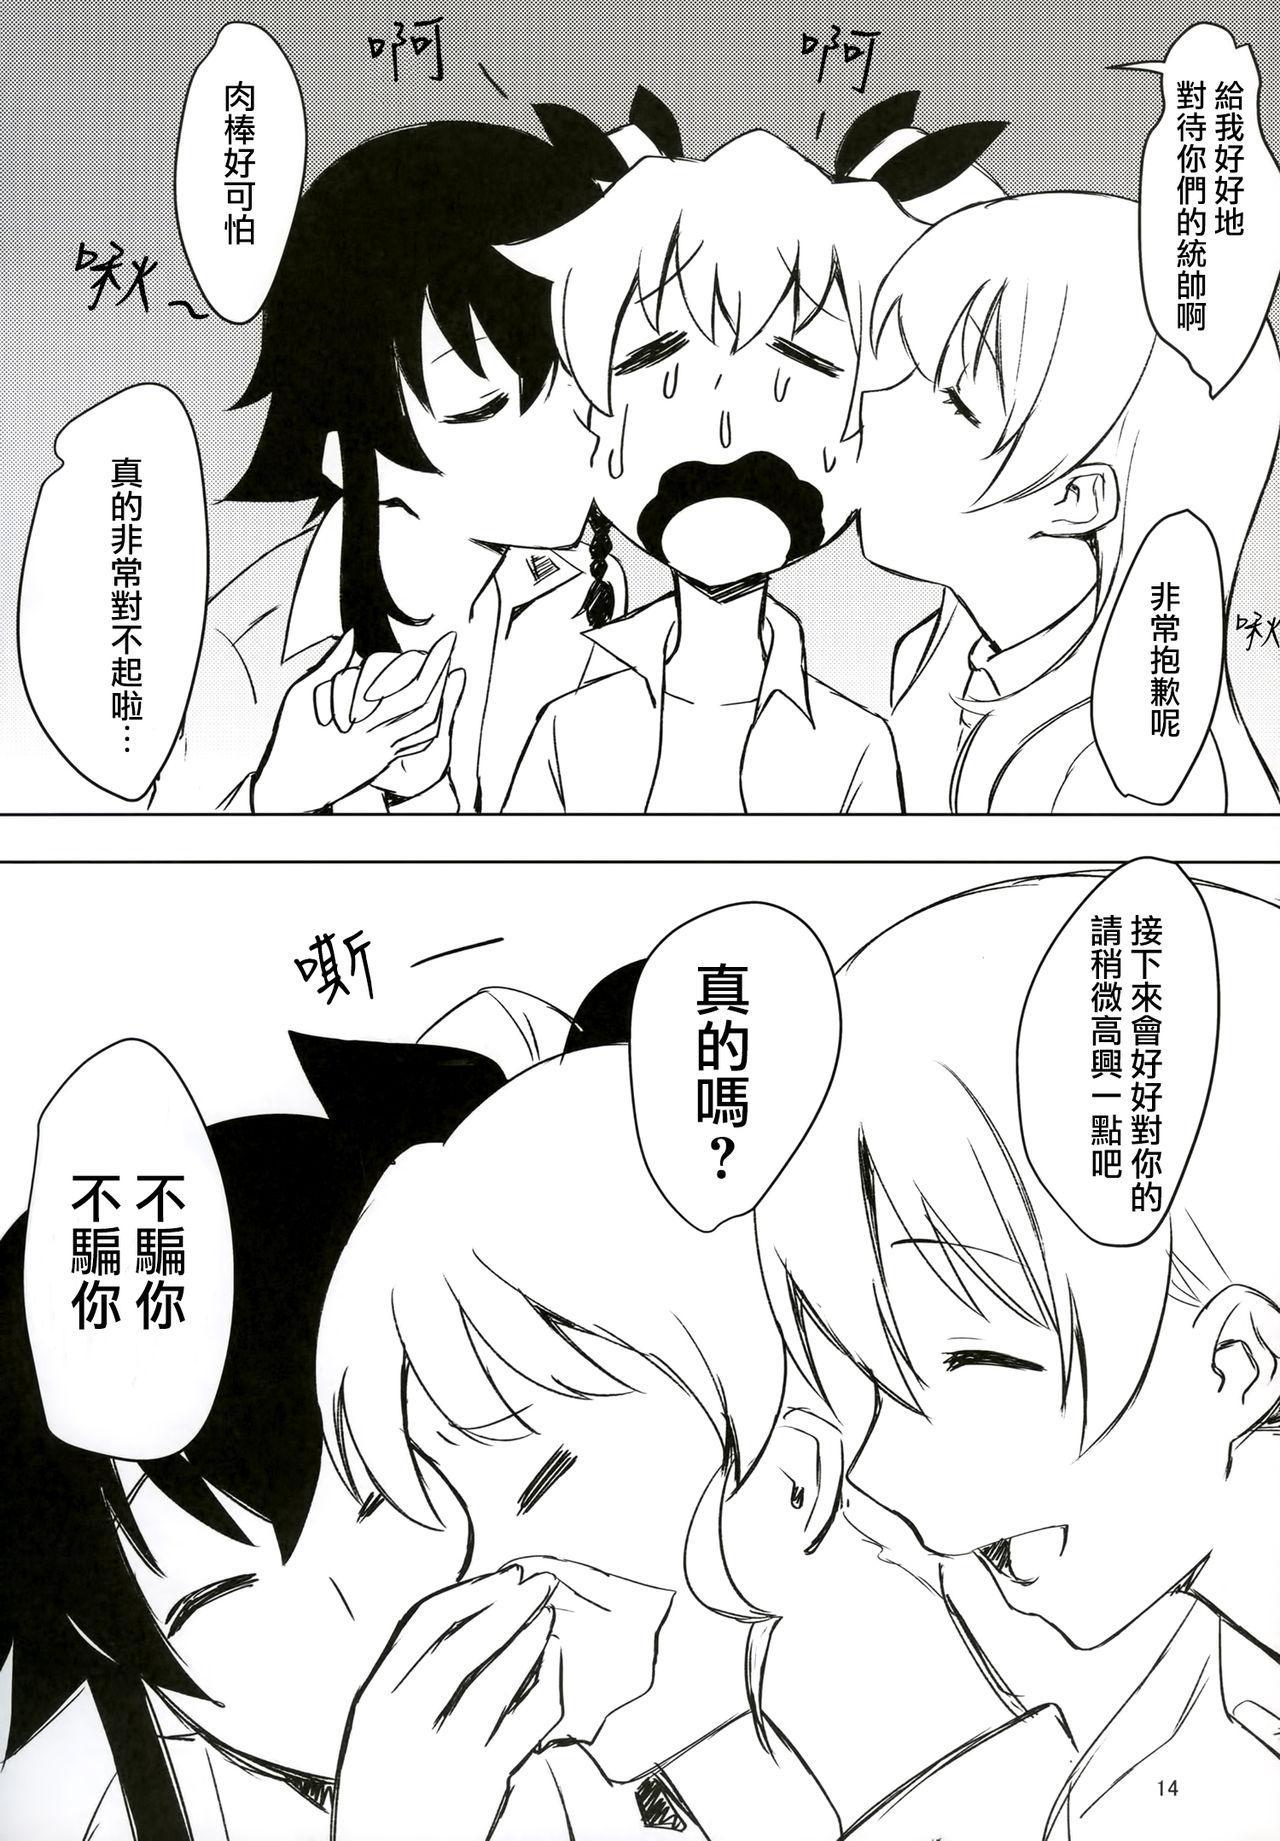 Futanari-san Team vs Duce 12